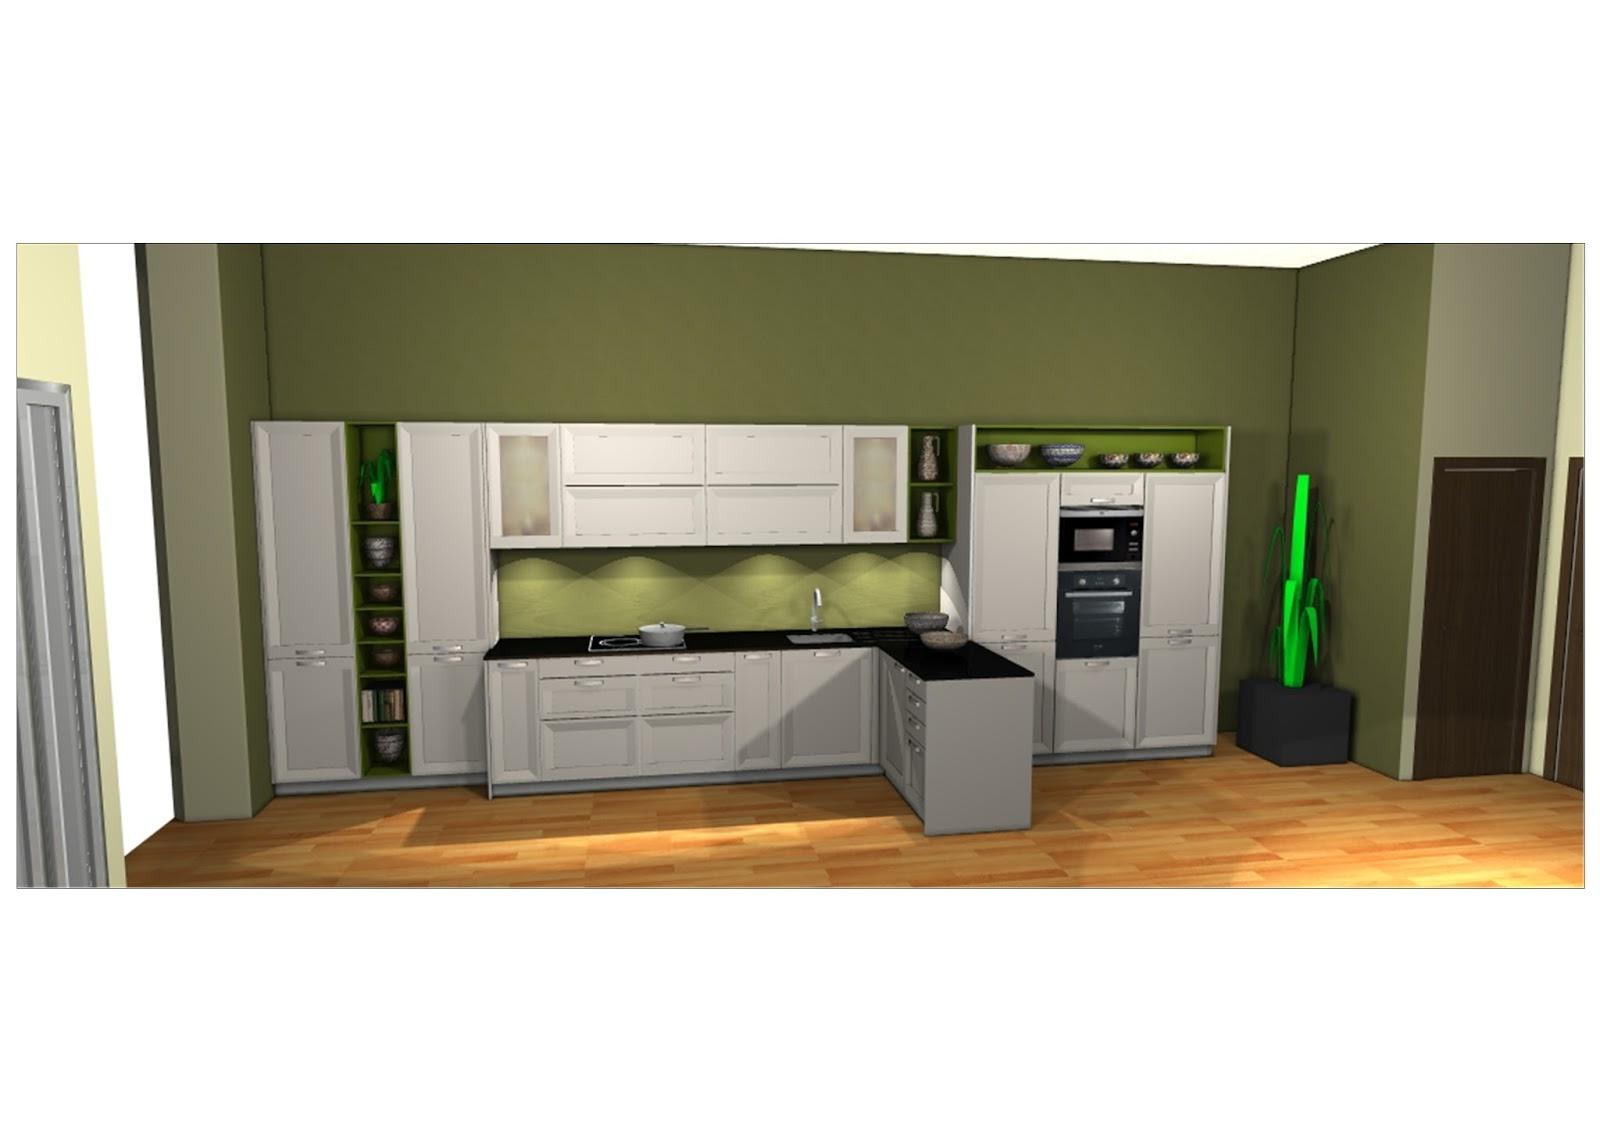 Plathoo dise o de cocinas y ba os 3d im genes en 3d for Diseno cocinas 3d gratis espanol